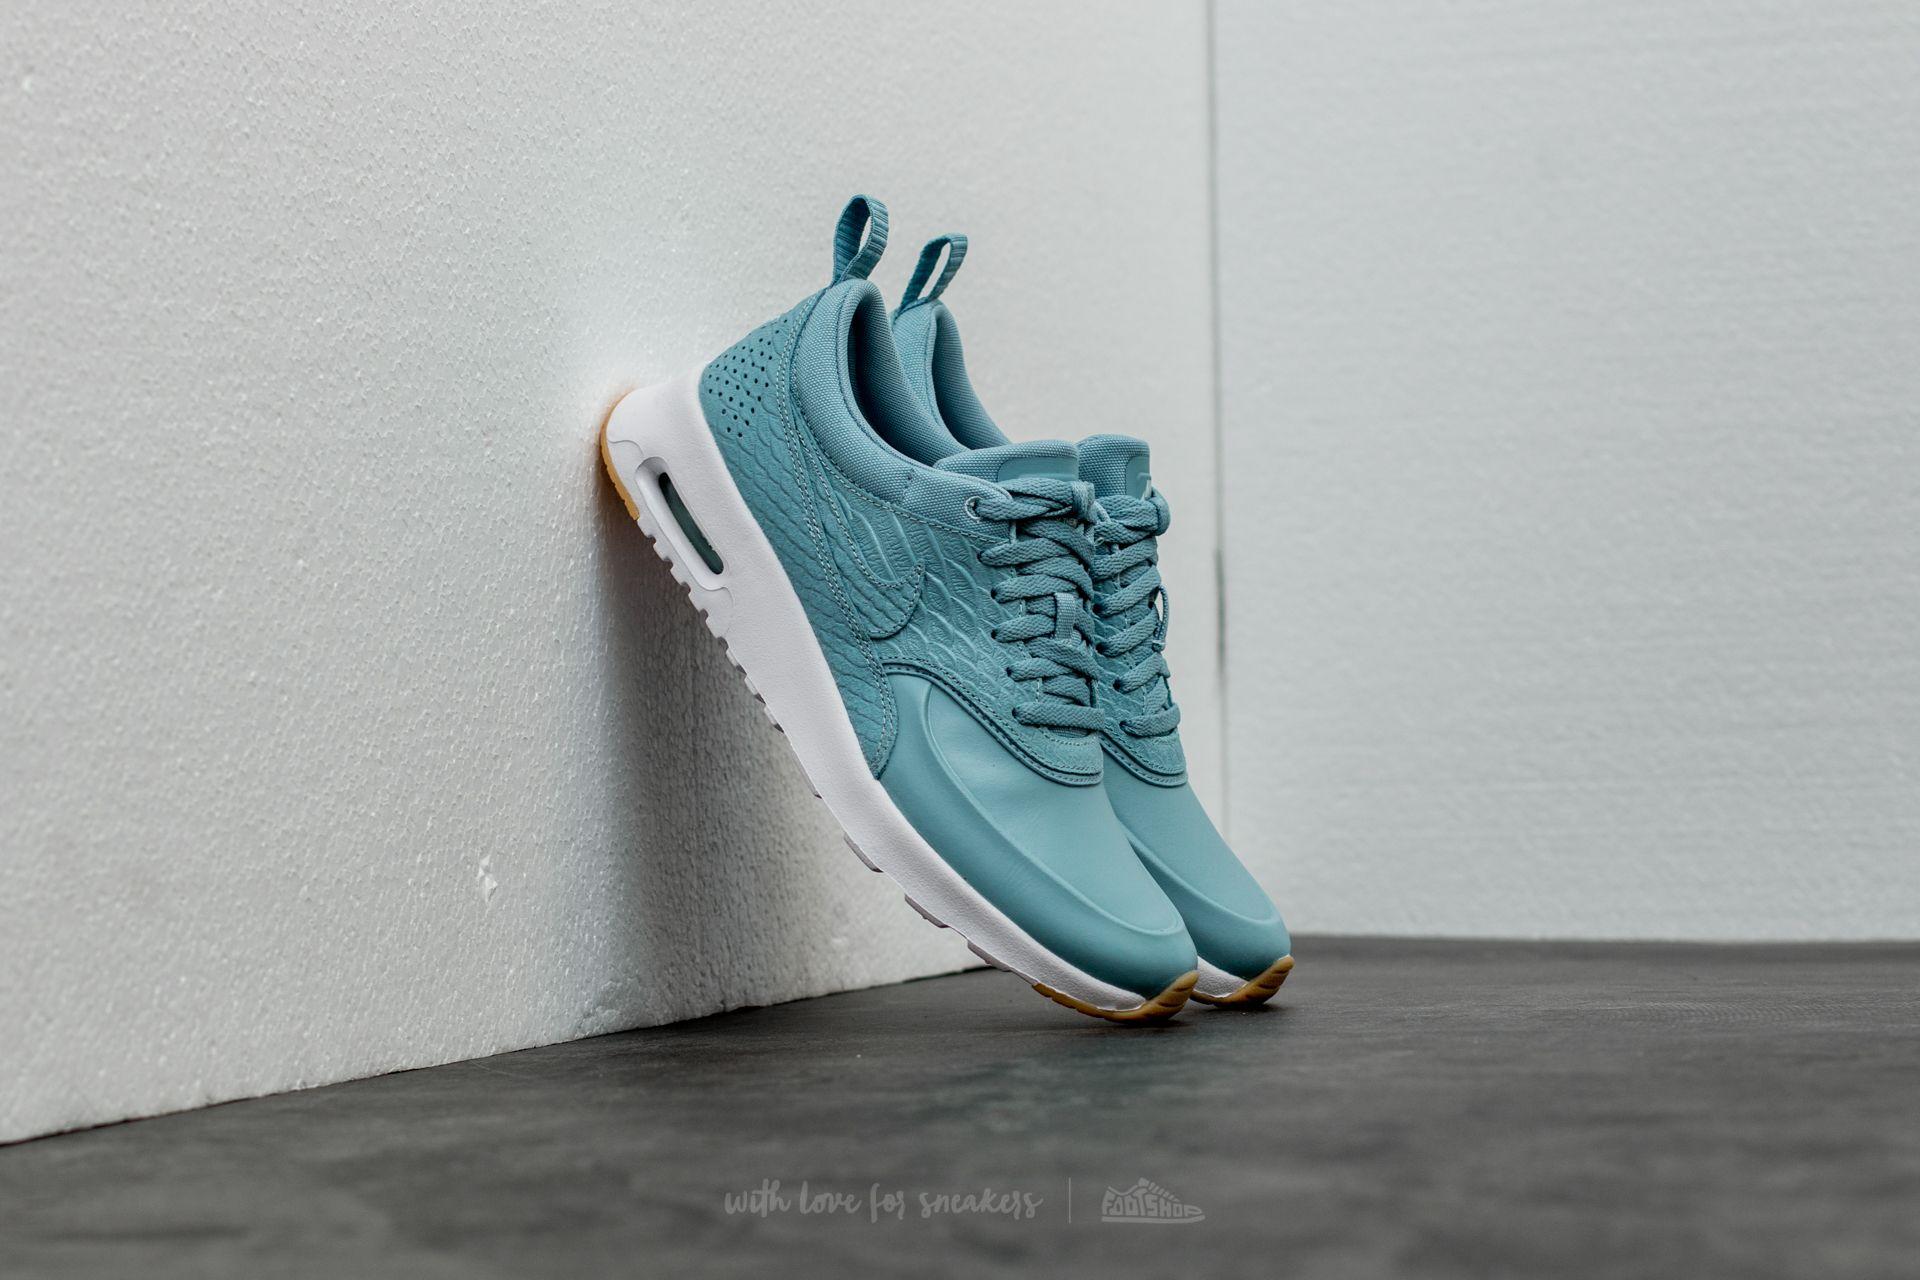 5007a6058f46a Wmns Nike Air Max Thea Premium Mica Blue/ Mica Blue-Gum Yellow ...